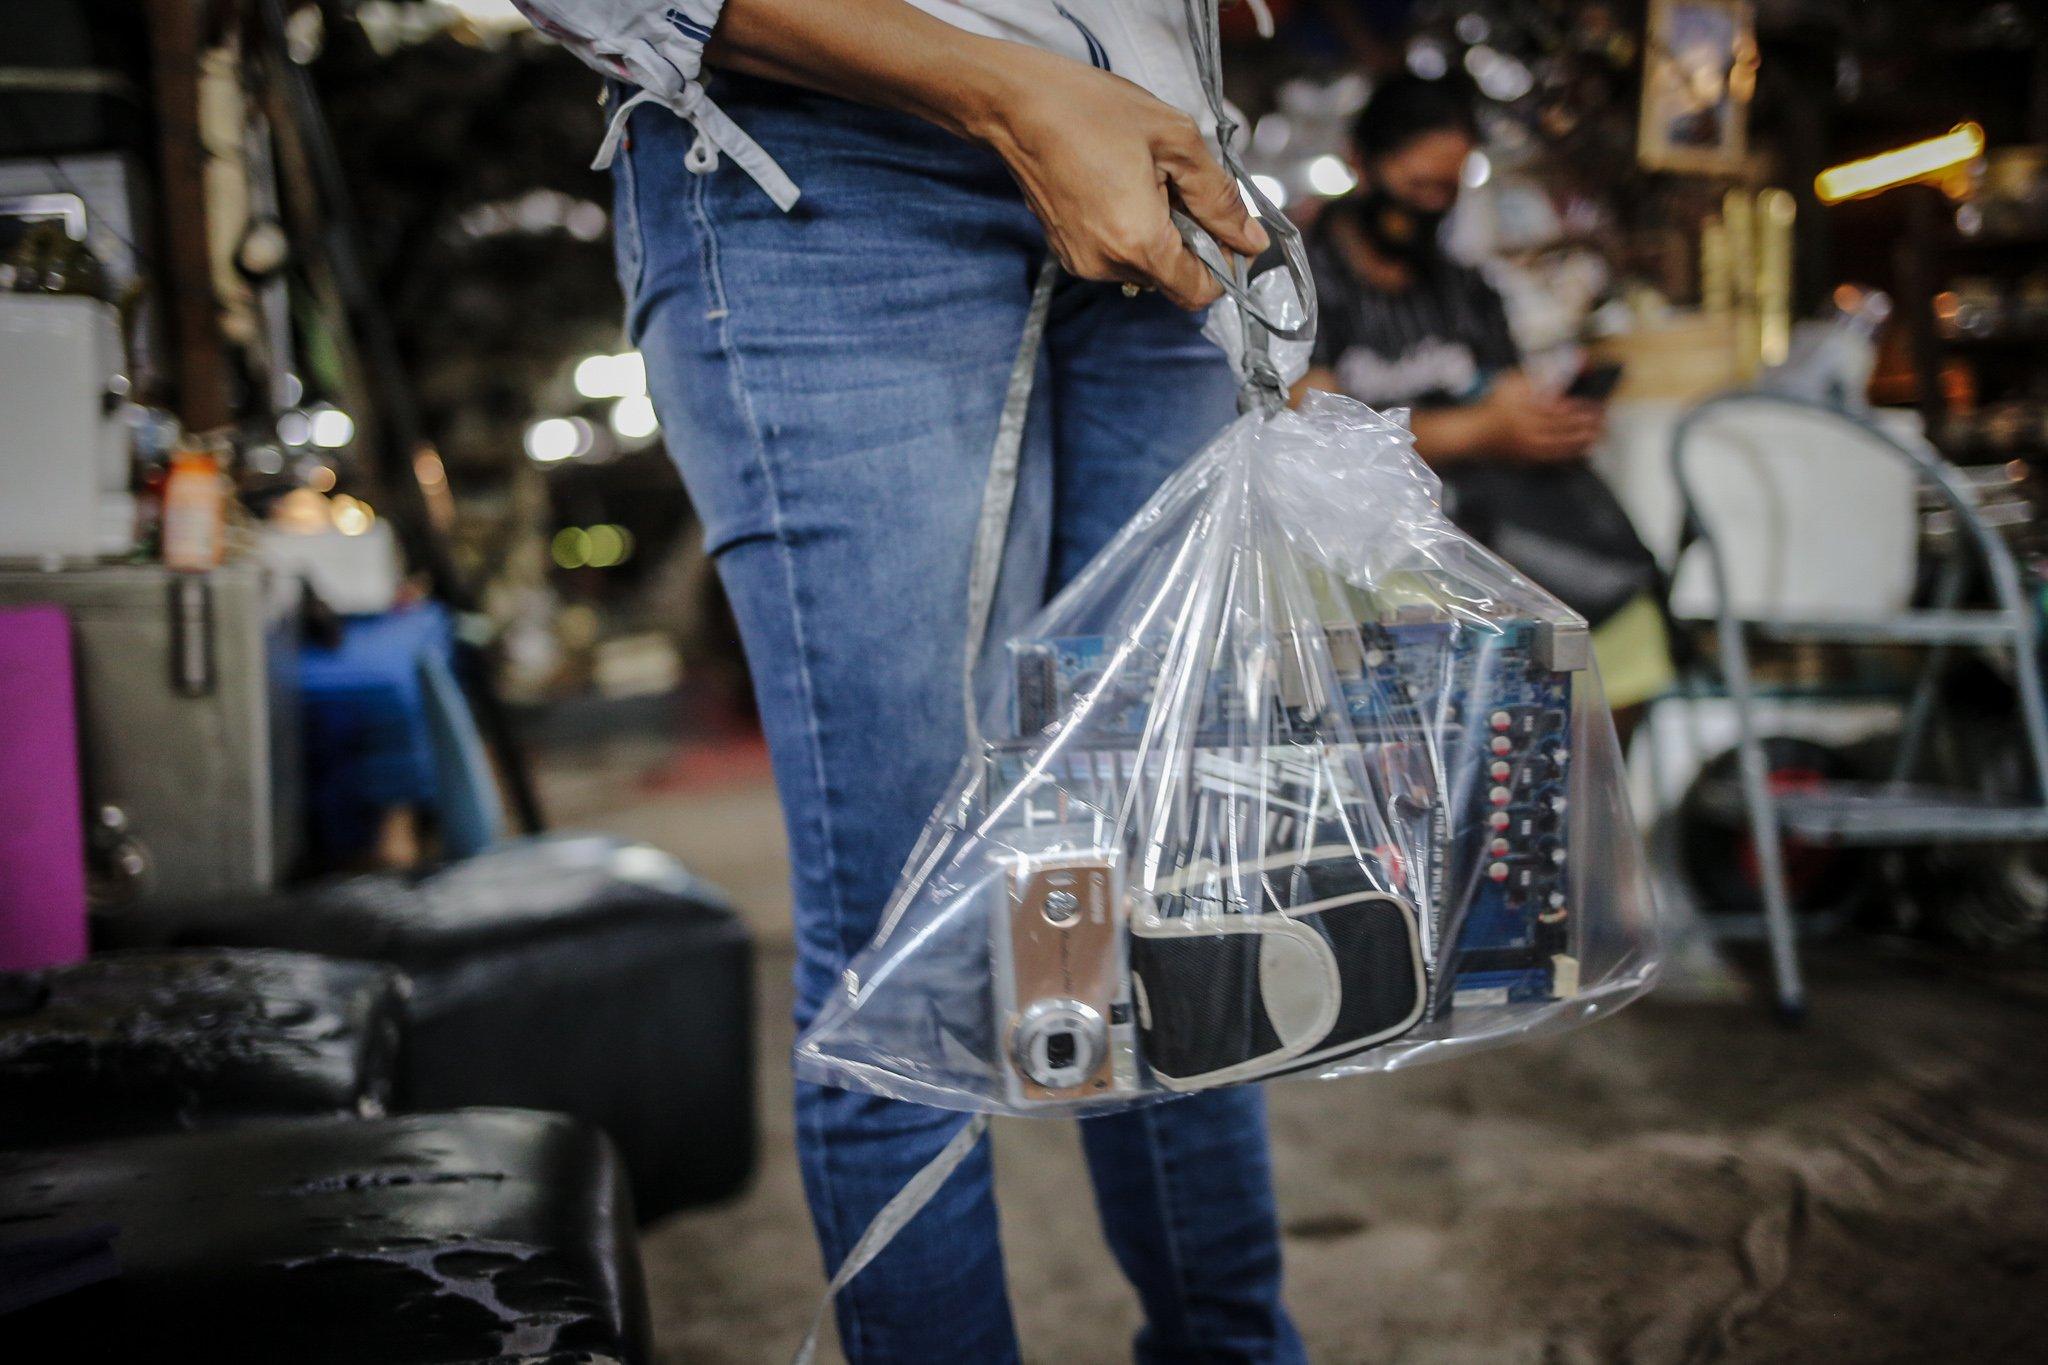 Pekerja mengemas barang-barang bekas ke dalam plastik kemudian digantungkan di Mal Rongsok Beji, Depok, Jawa Barat, Jumat, (17/9/2021). Selama masa pandemi Covid-19, sekitar 82,9% pelaku UMKM alami penurunan omzet. pemilik Mal Rongsok itu juga mengaku demikian.